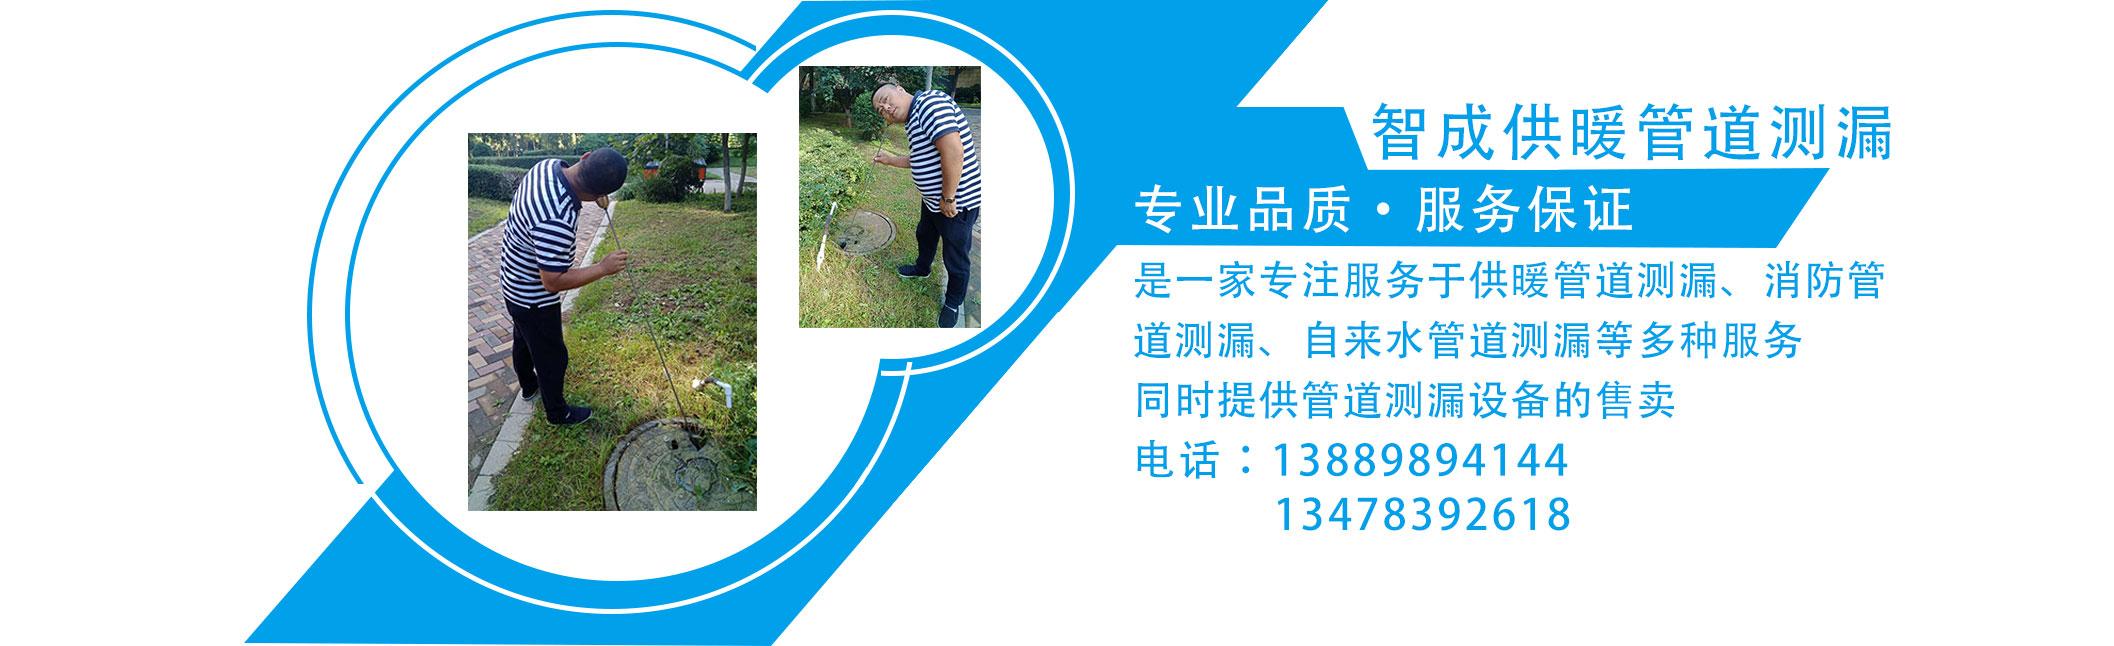 臺北智成管道測漏是一家專業供給供暖管道測漏辦事的公司